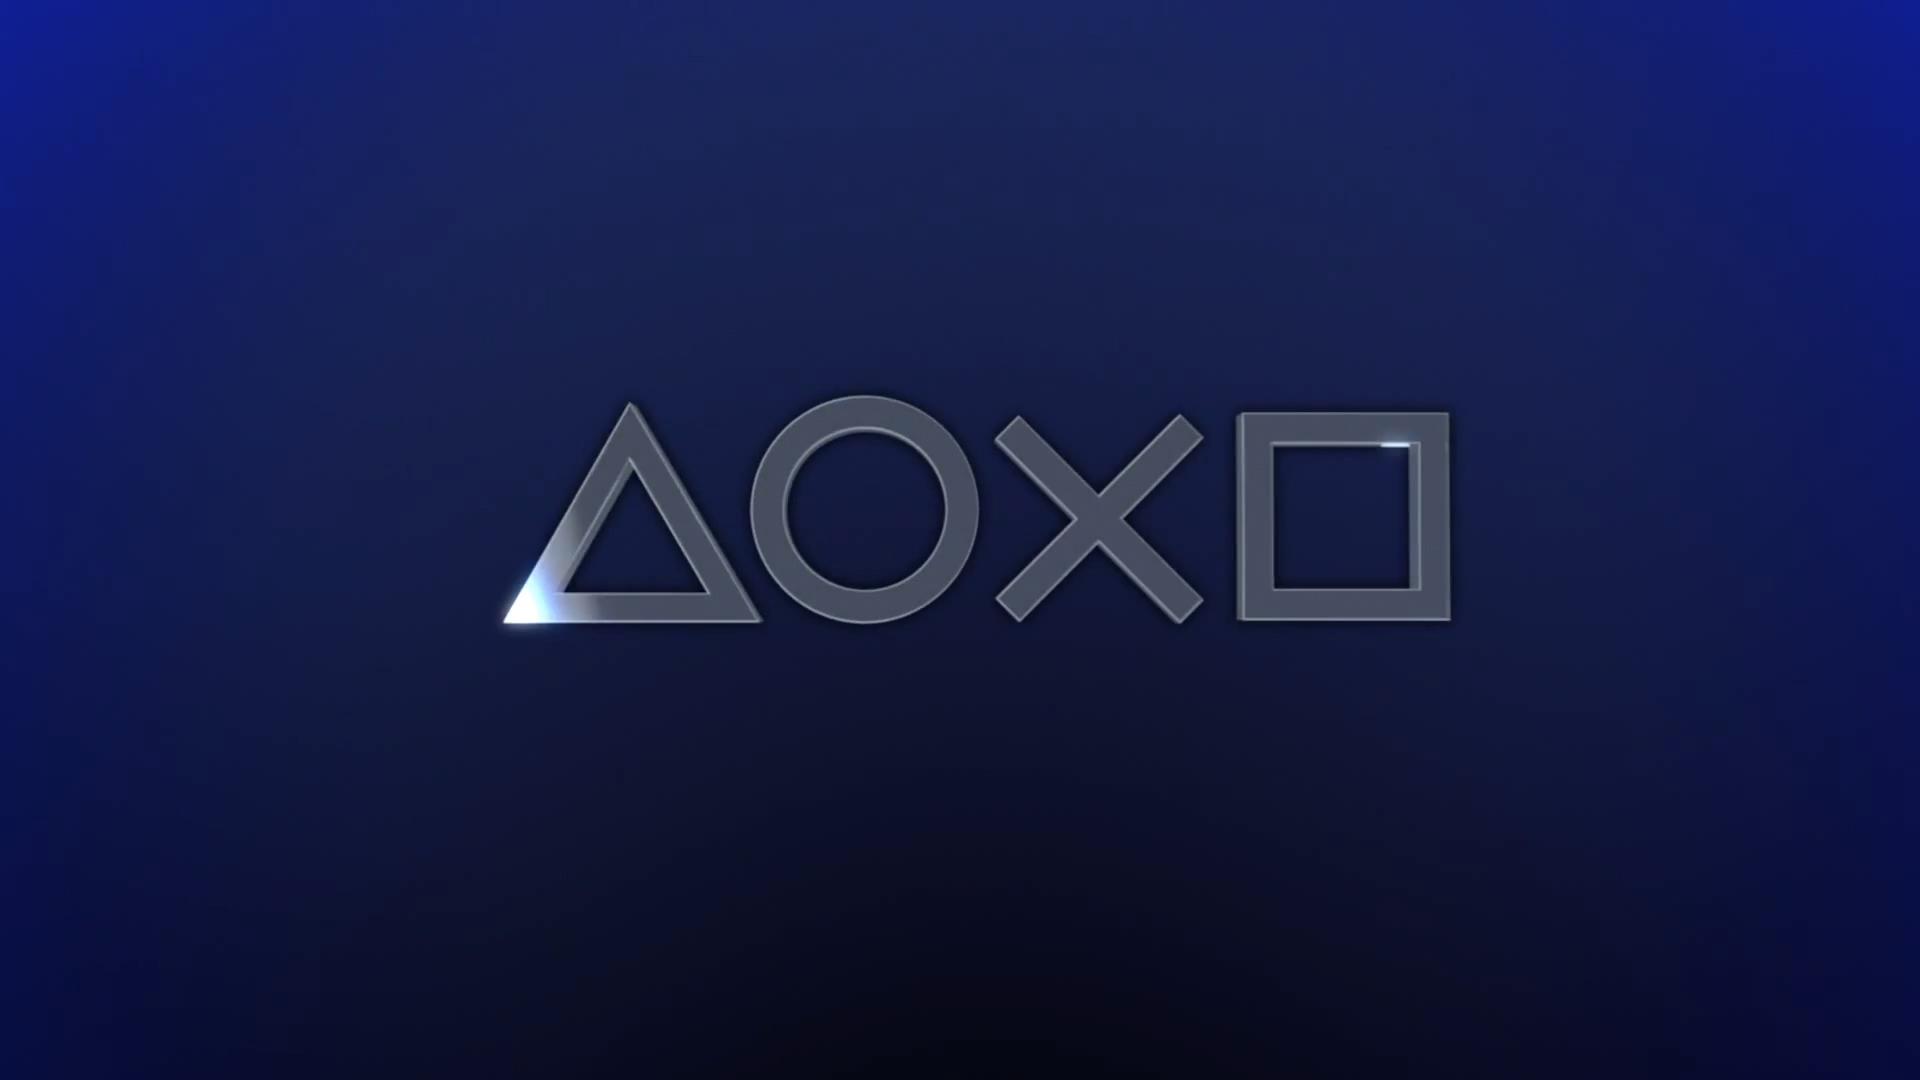 Die 10 besten Exklusivtitel auf der PlayStation 3